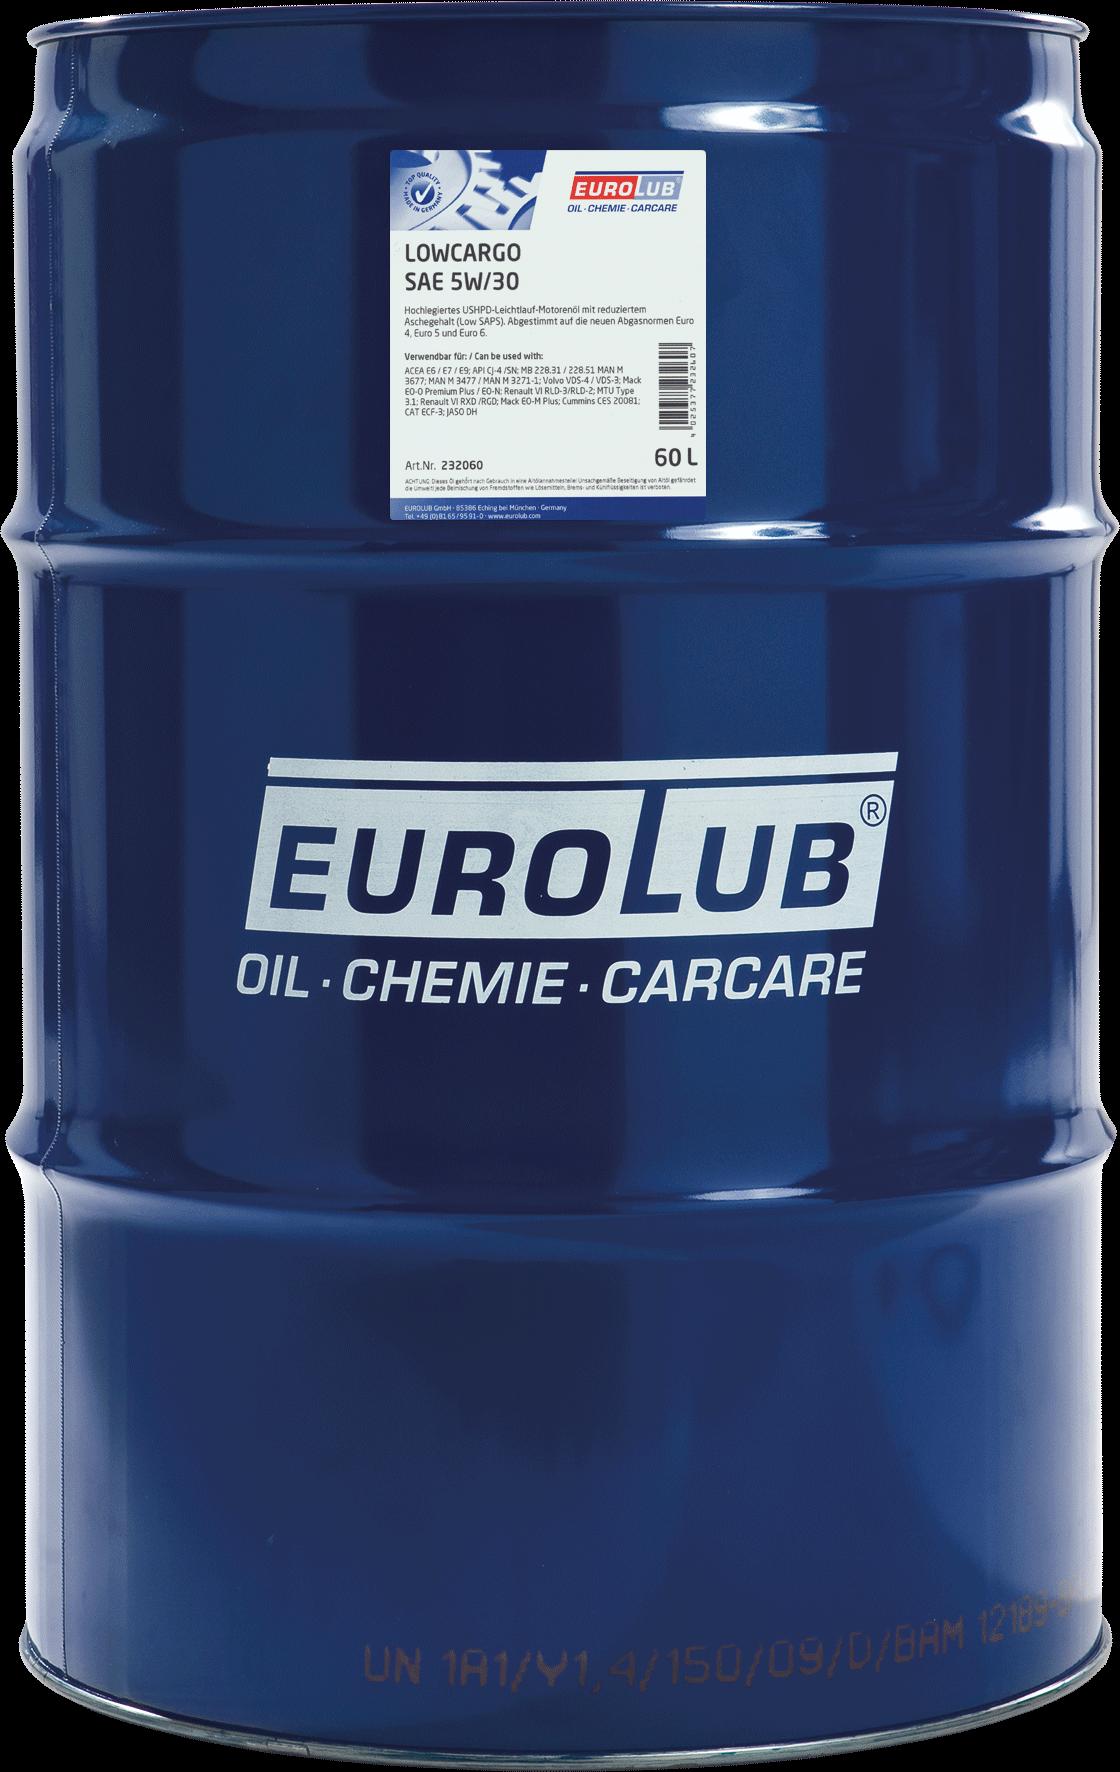 EUROLUB LOWCARGO SAE 5W/30 (синтетичне LowSAPS)